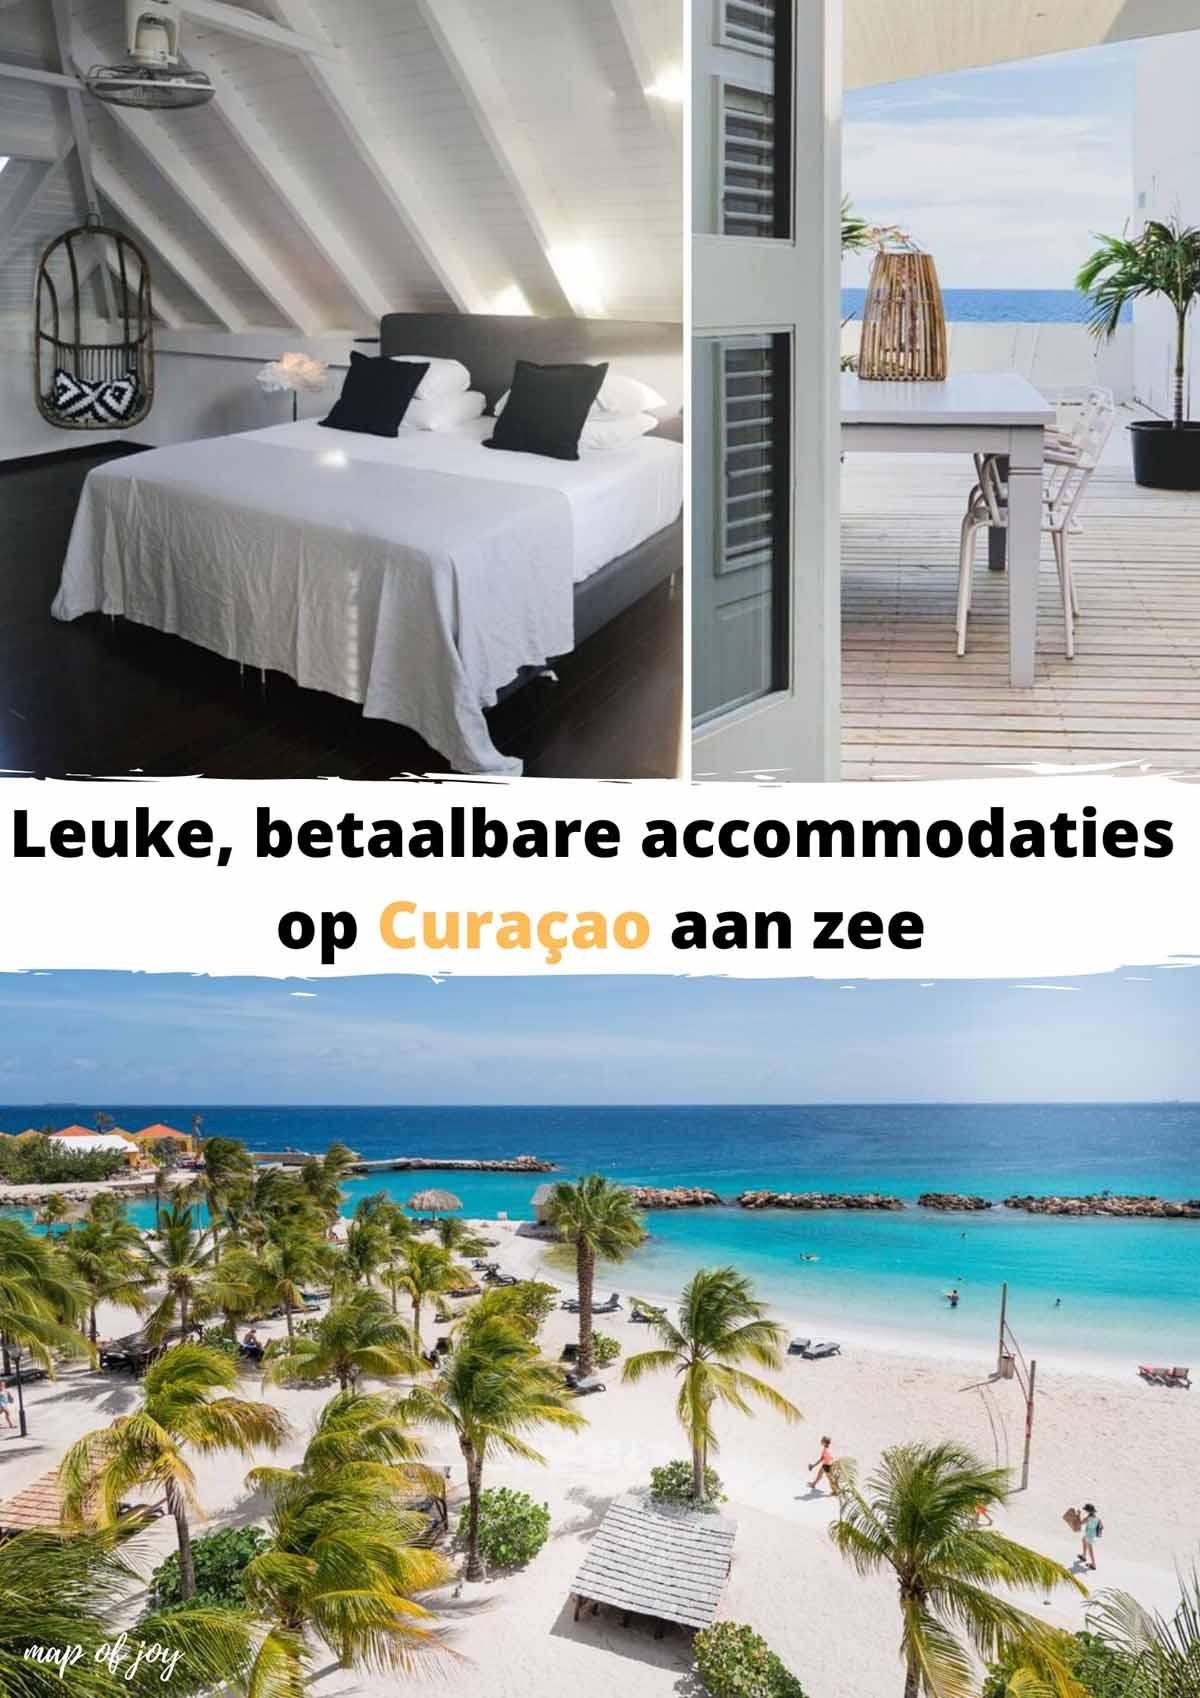 Leuke, betaalbare accommodaties op Curaçao aan zee - Map of Joy